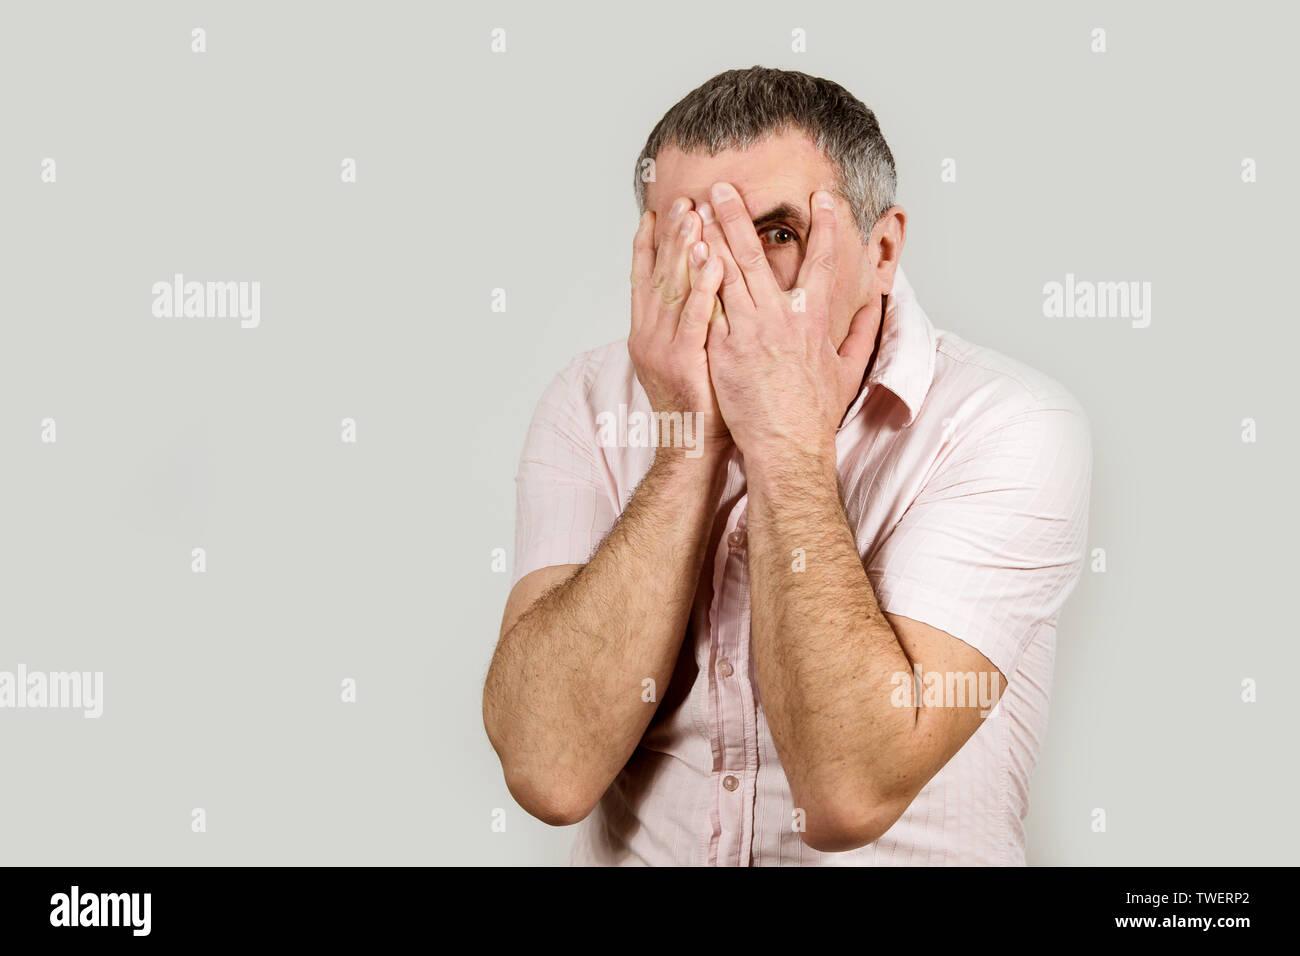 Ein Mann in einem hellen Hemd auf einem weißen Hintergrund. Gefühl von Traurigkeit und Frustration. Stockbild